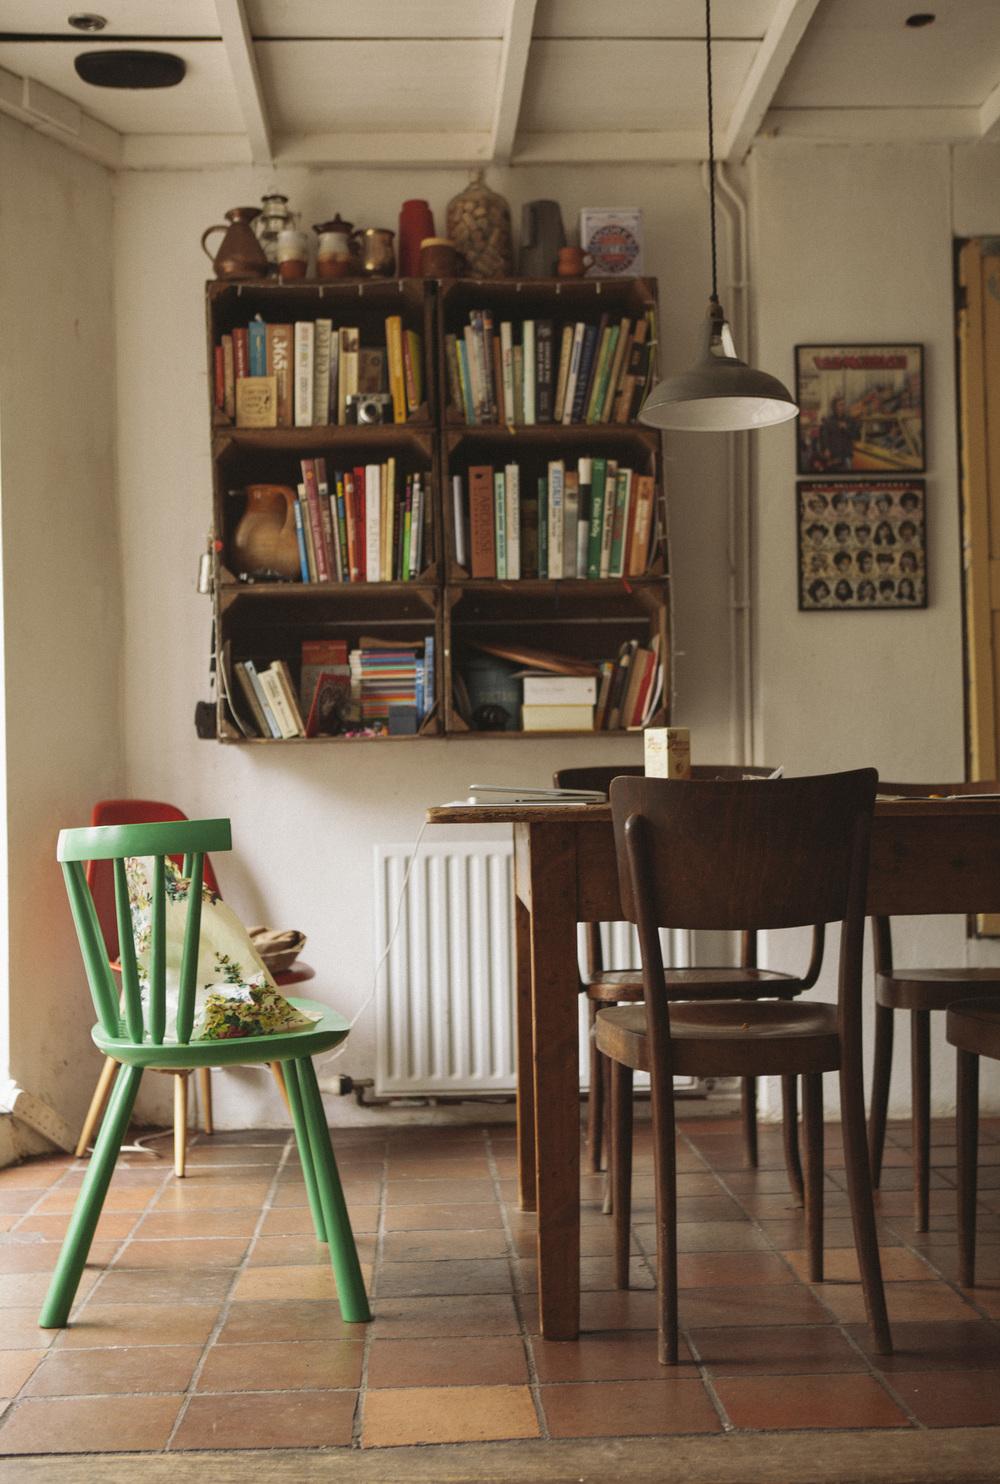 kitchen_chair.jpg